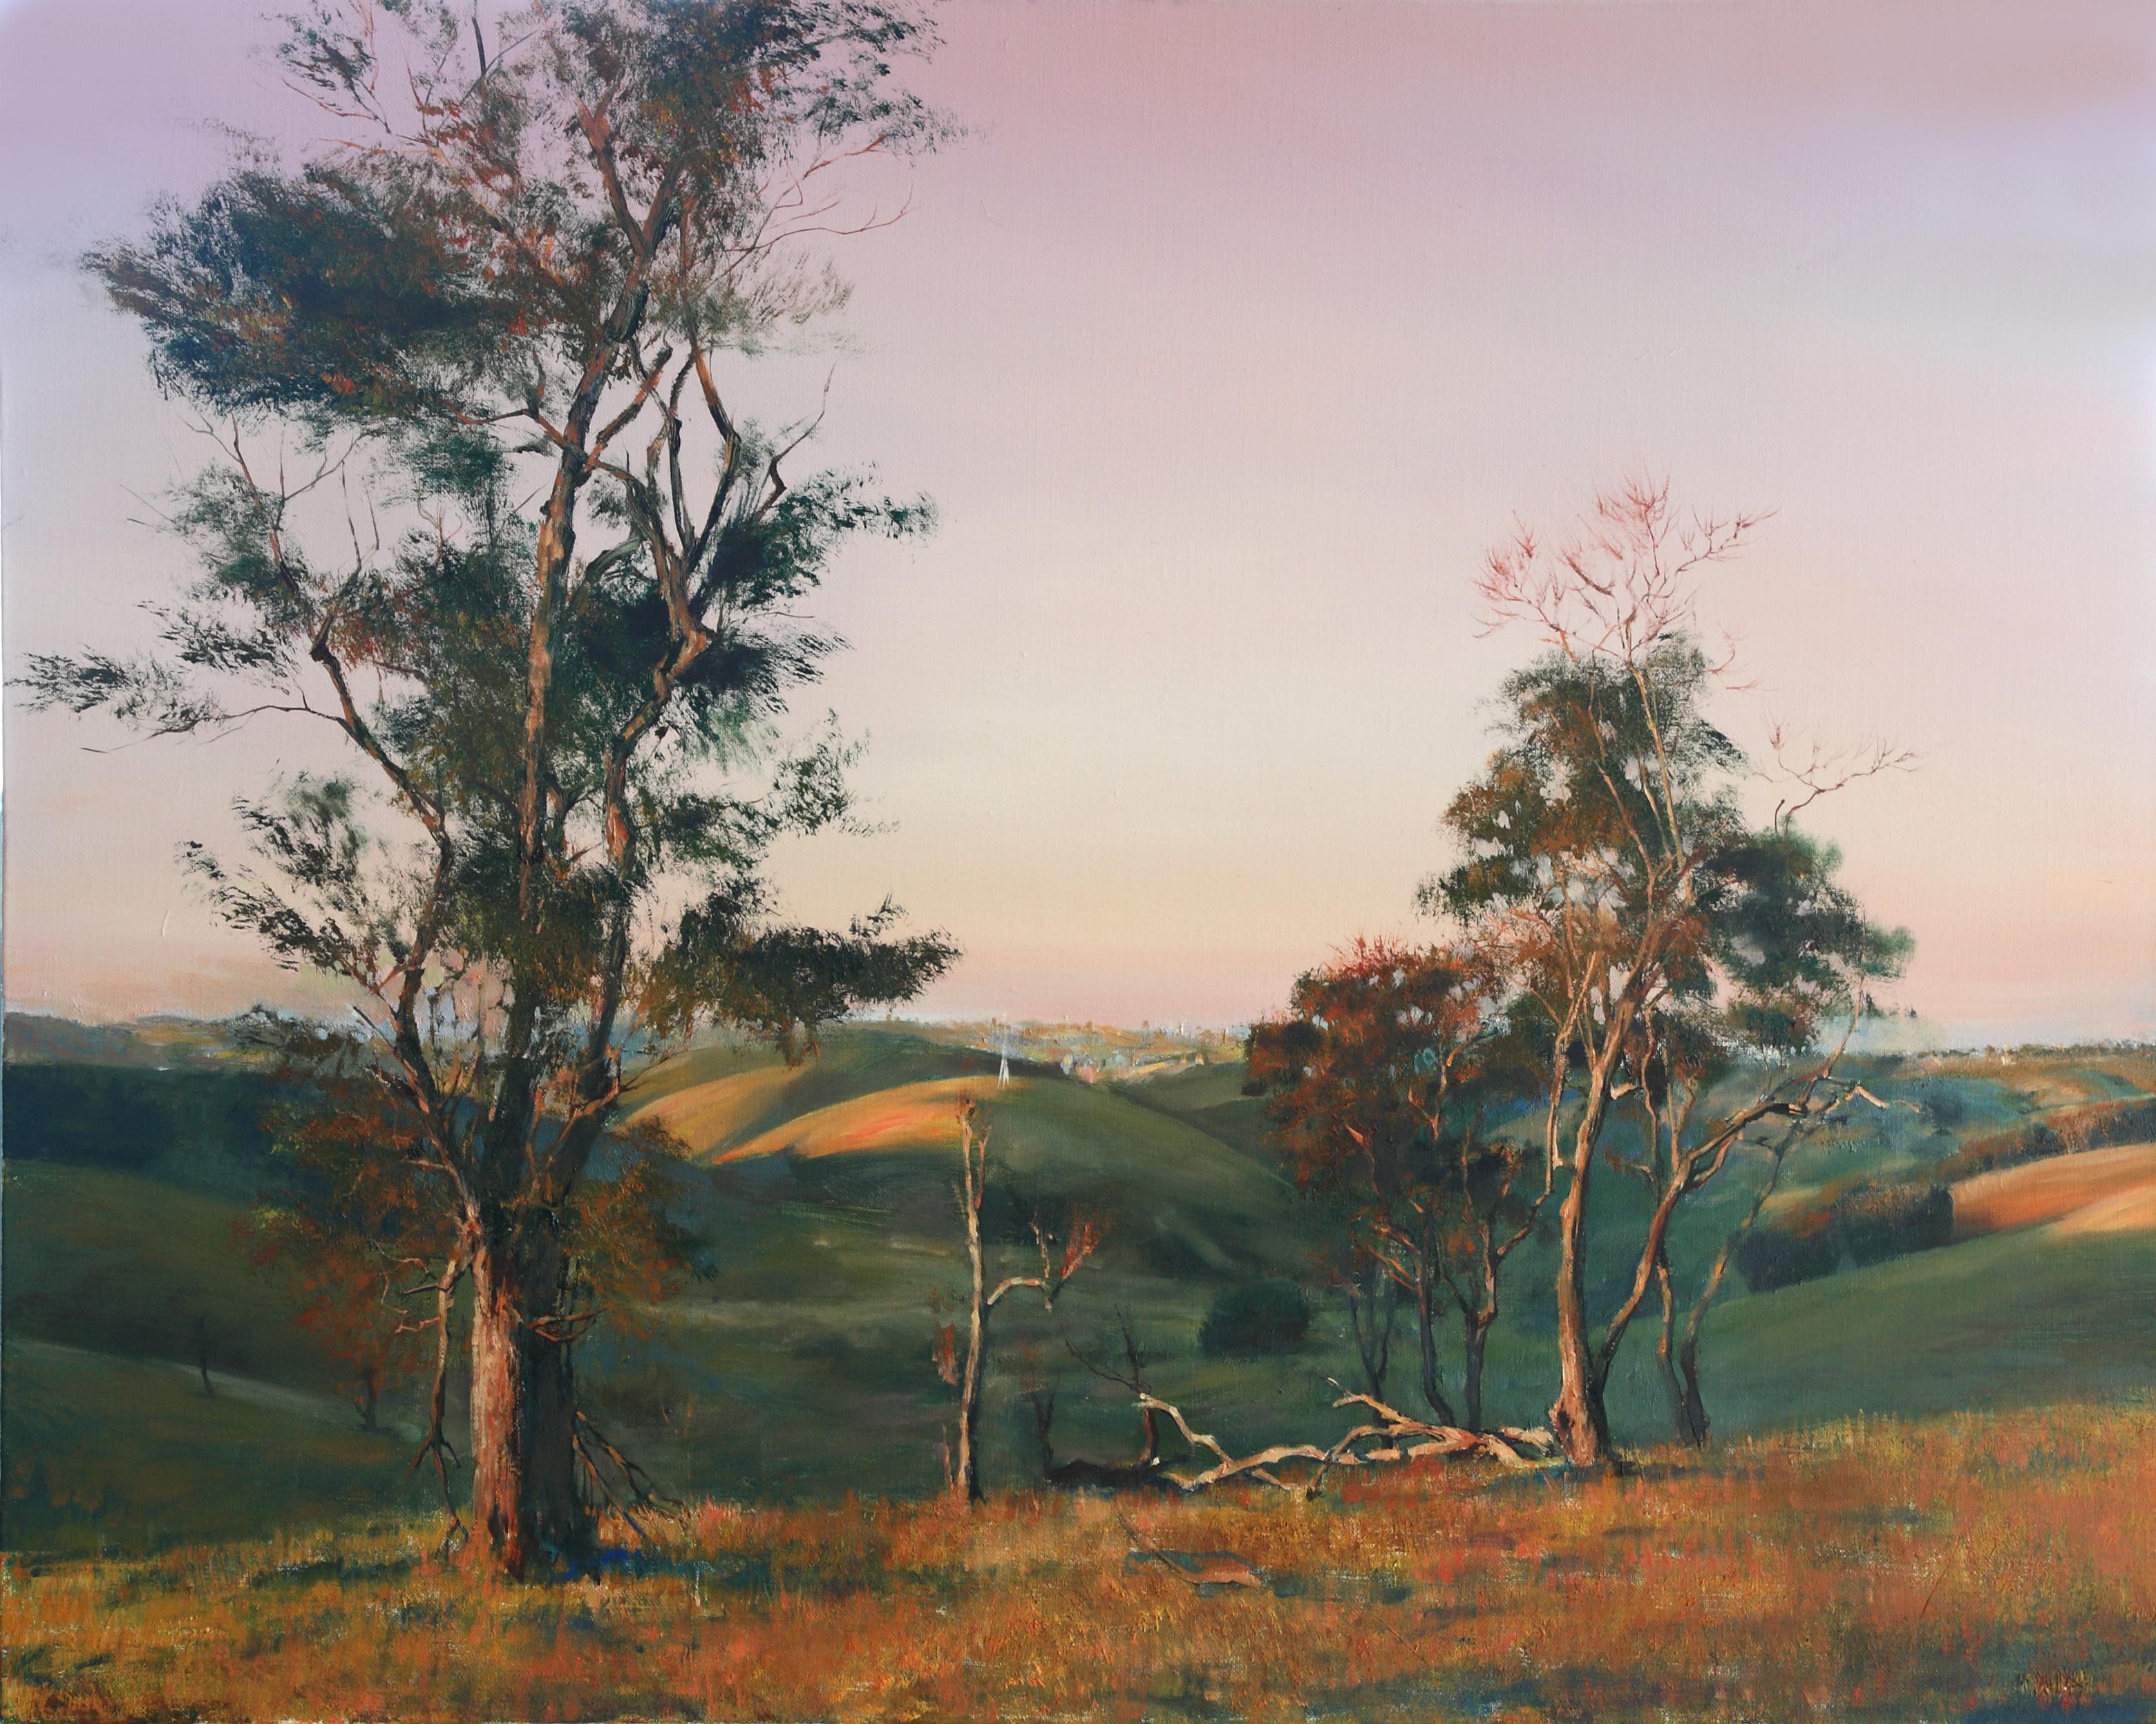 해질녁 90.9x72.7 Oil on canvas 2010